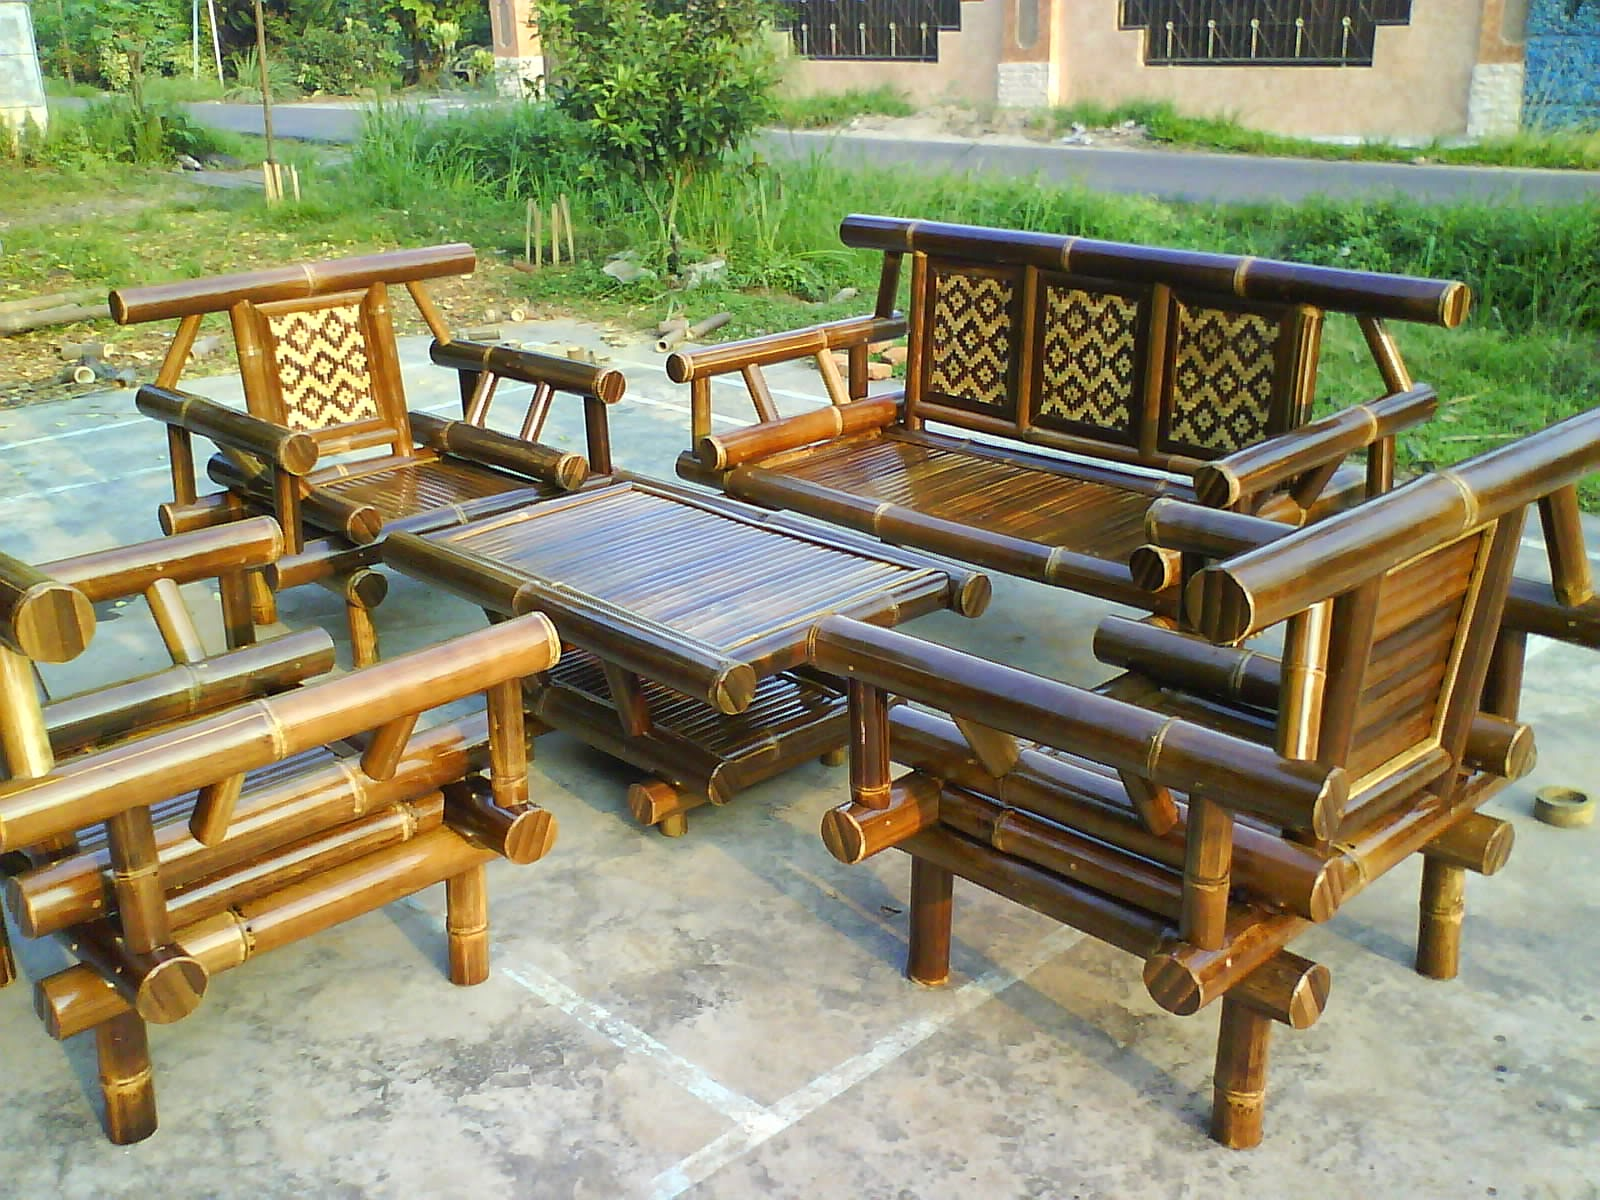 1030+ Gambar Kursi Dari Anyaman Bambu Gratis Terbaik